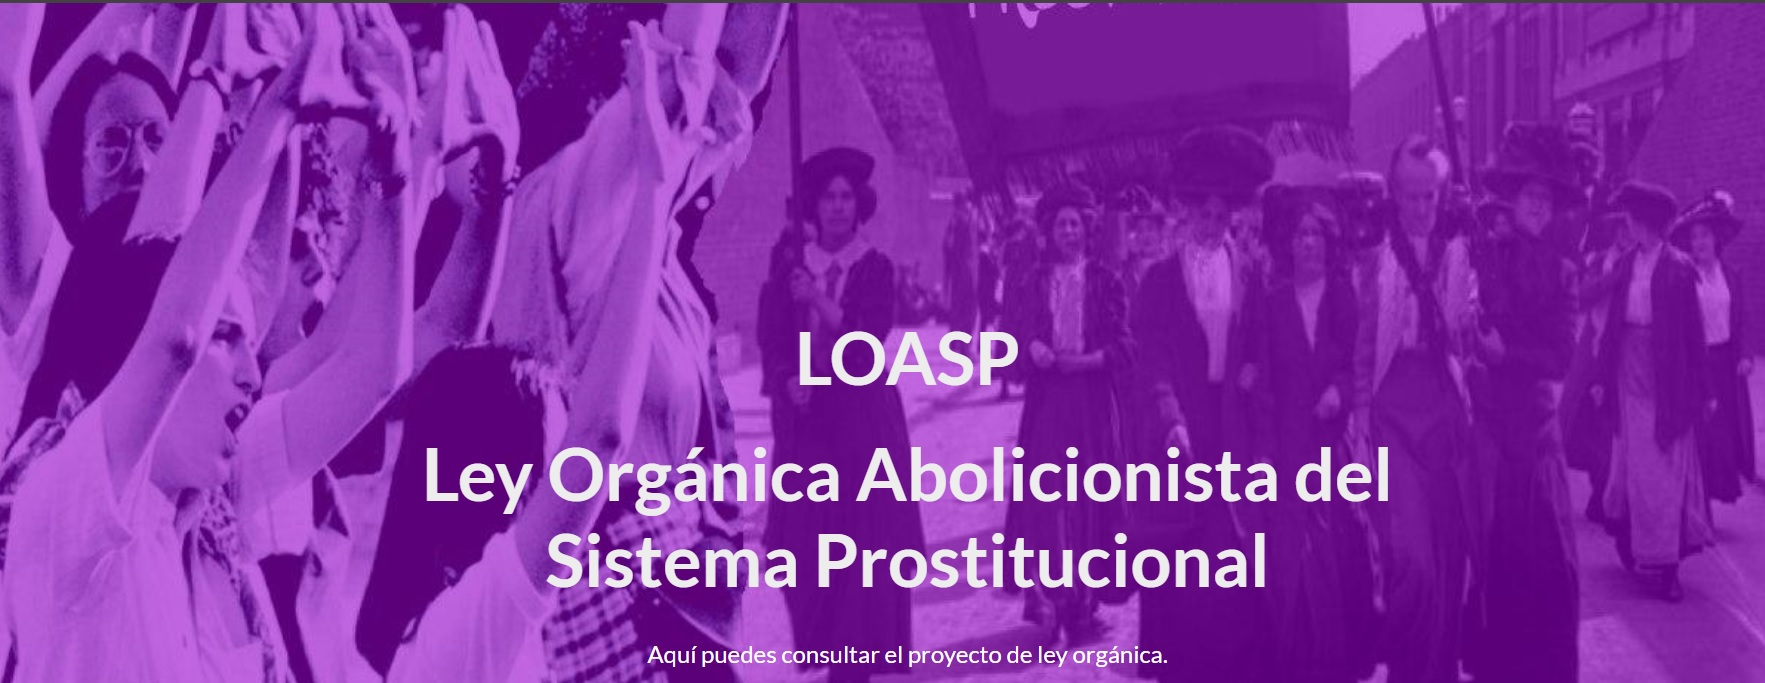 Abolicionista Del Porno front abolicionista pv